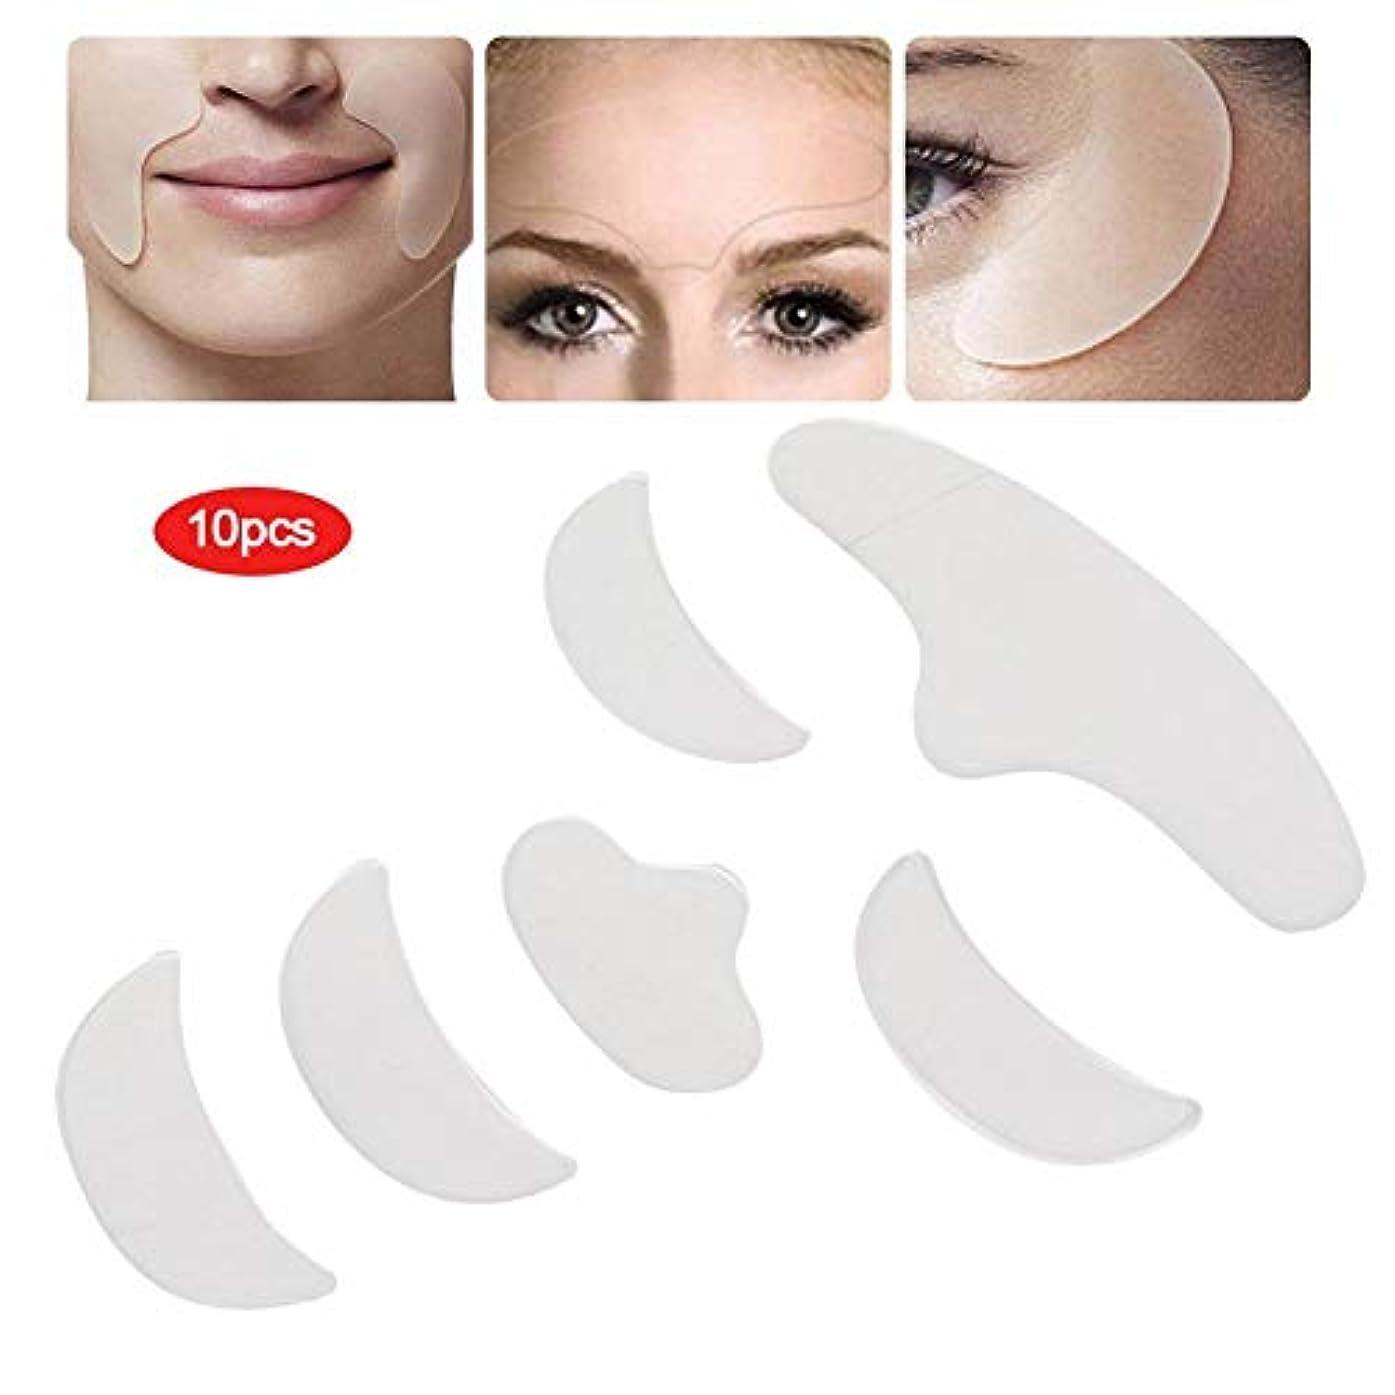 ビュッフェもつれ予測返り 肌の弾力性 6ピース シリコーンパッチパッド スキンリフティング 再利用可能な額 目 あご フェイスパッチ